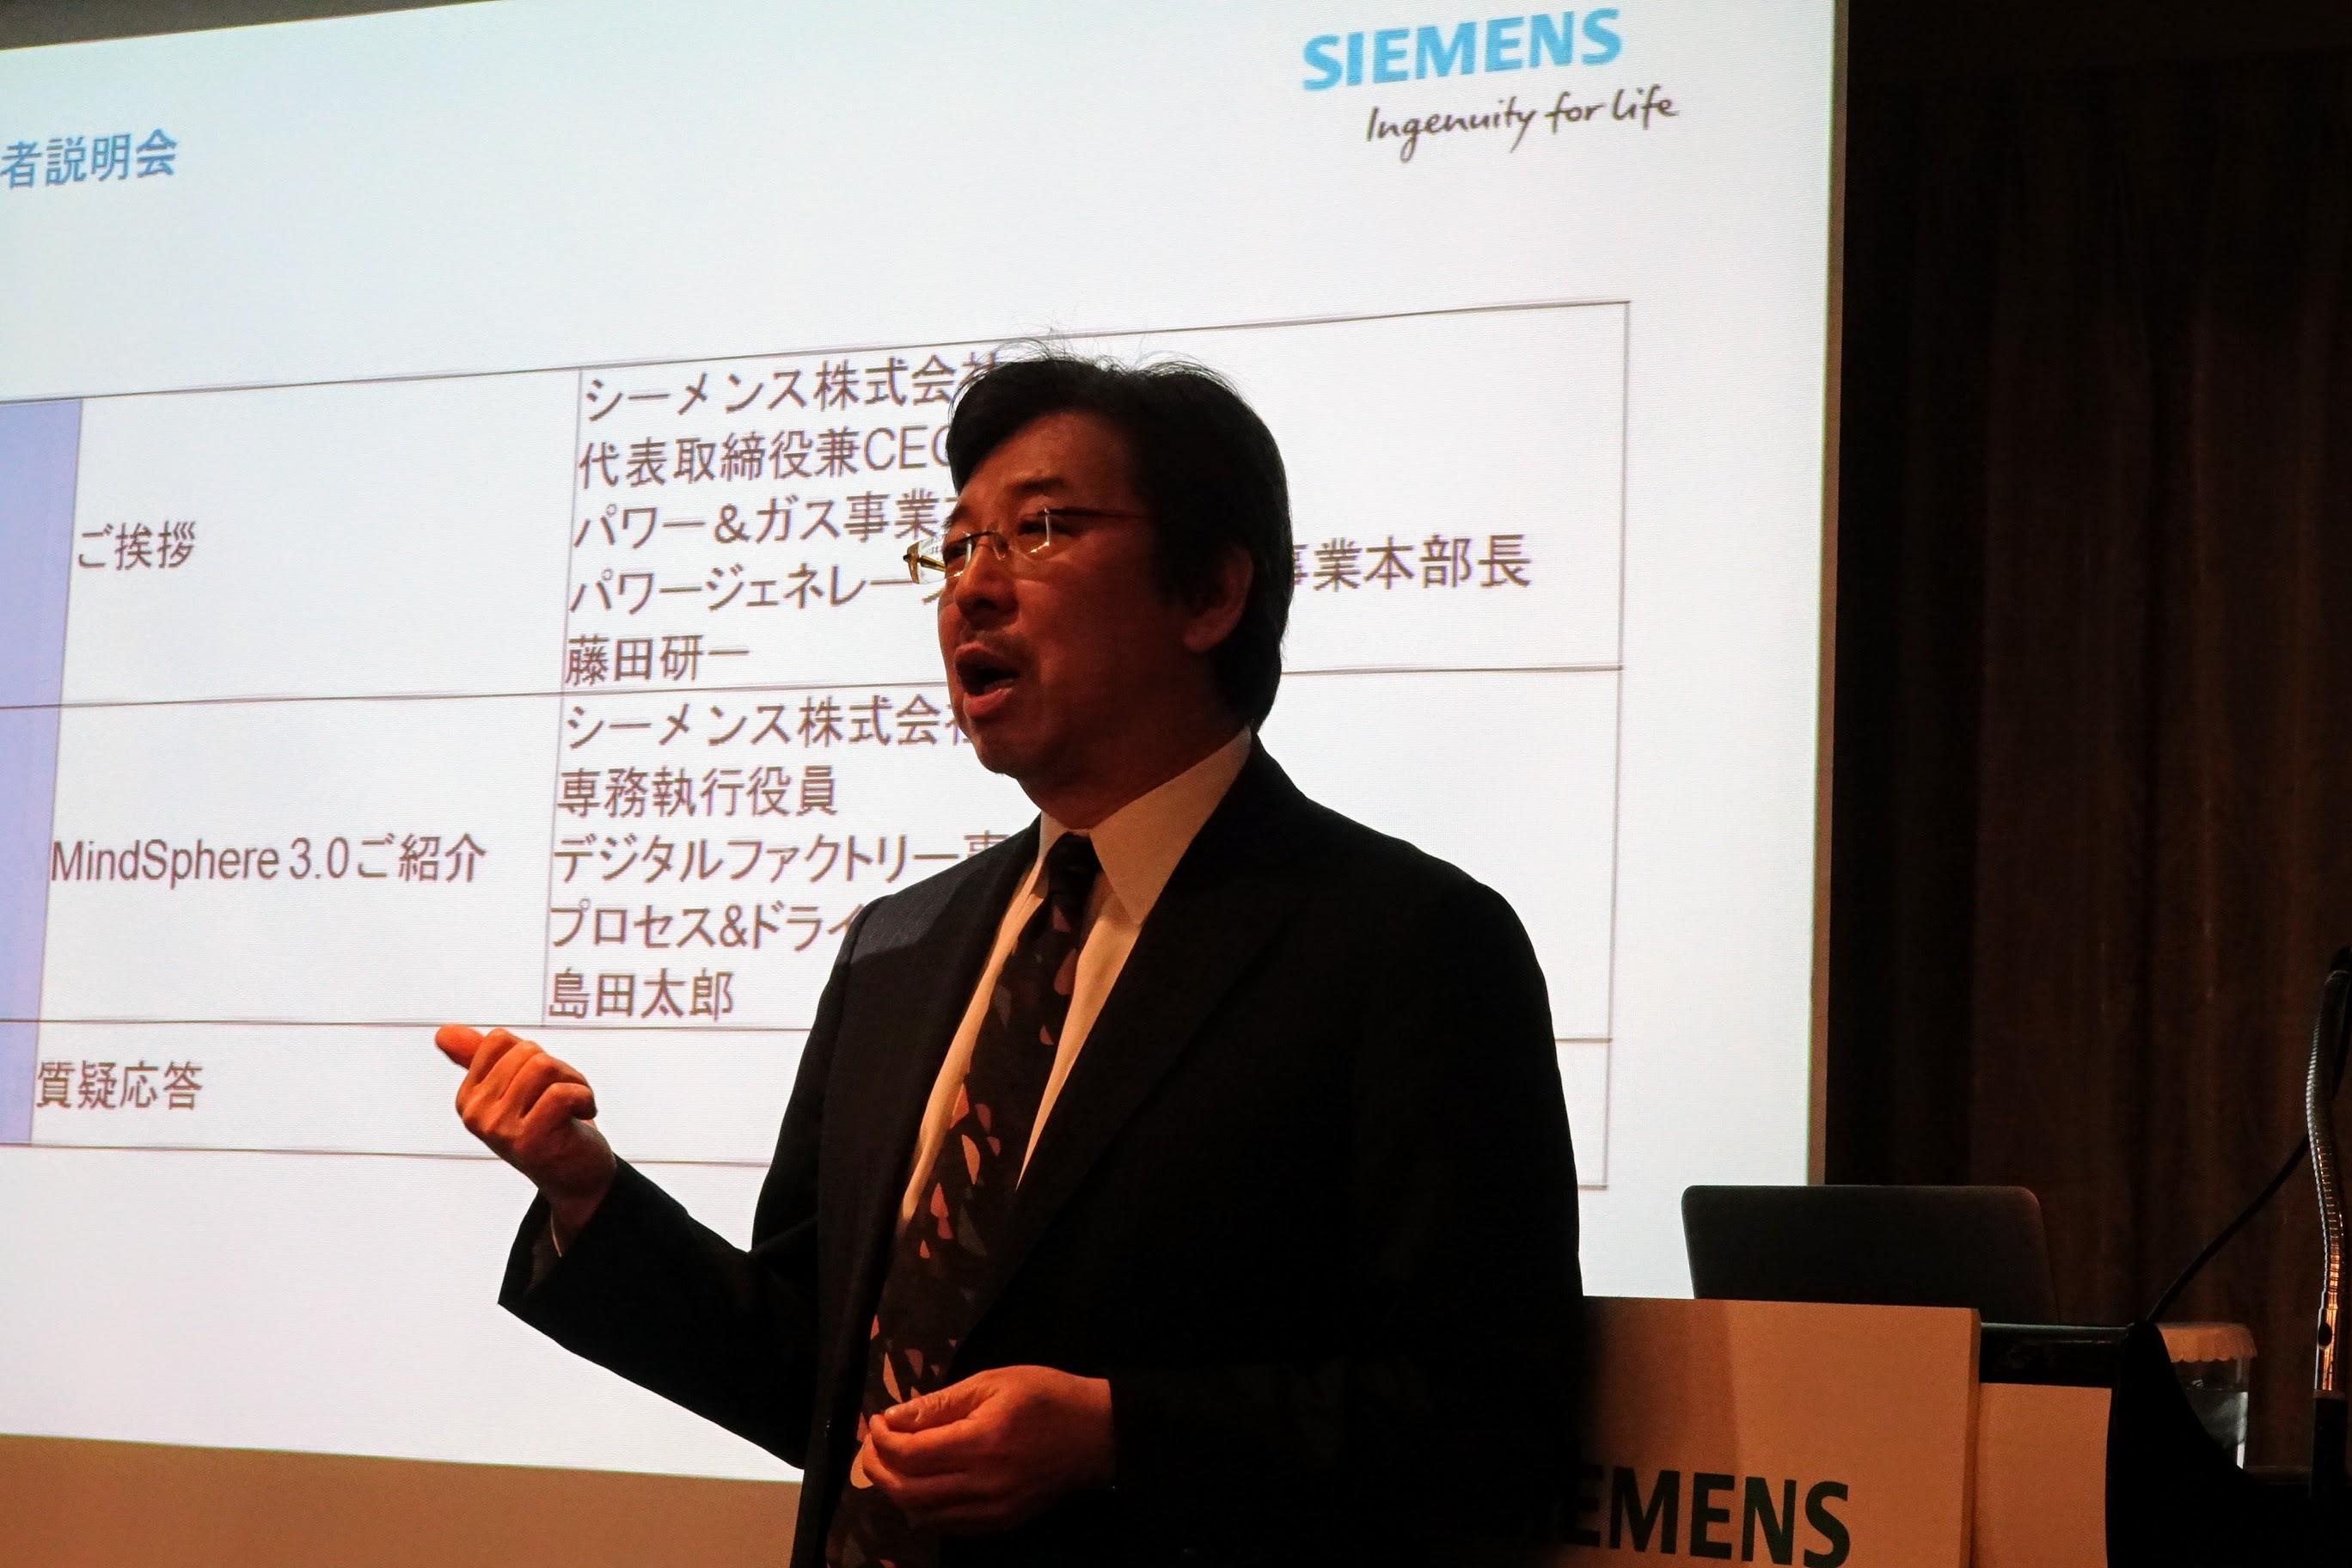 シーメンス株式会社 代表取締役兼CEO 藤田研一氏